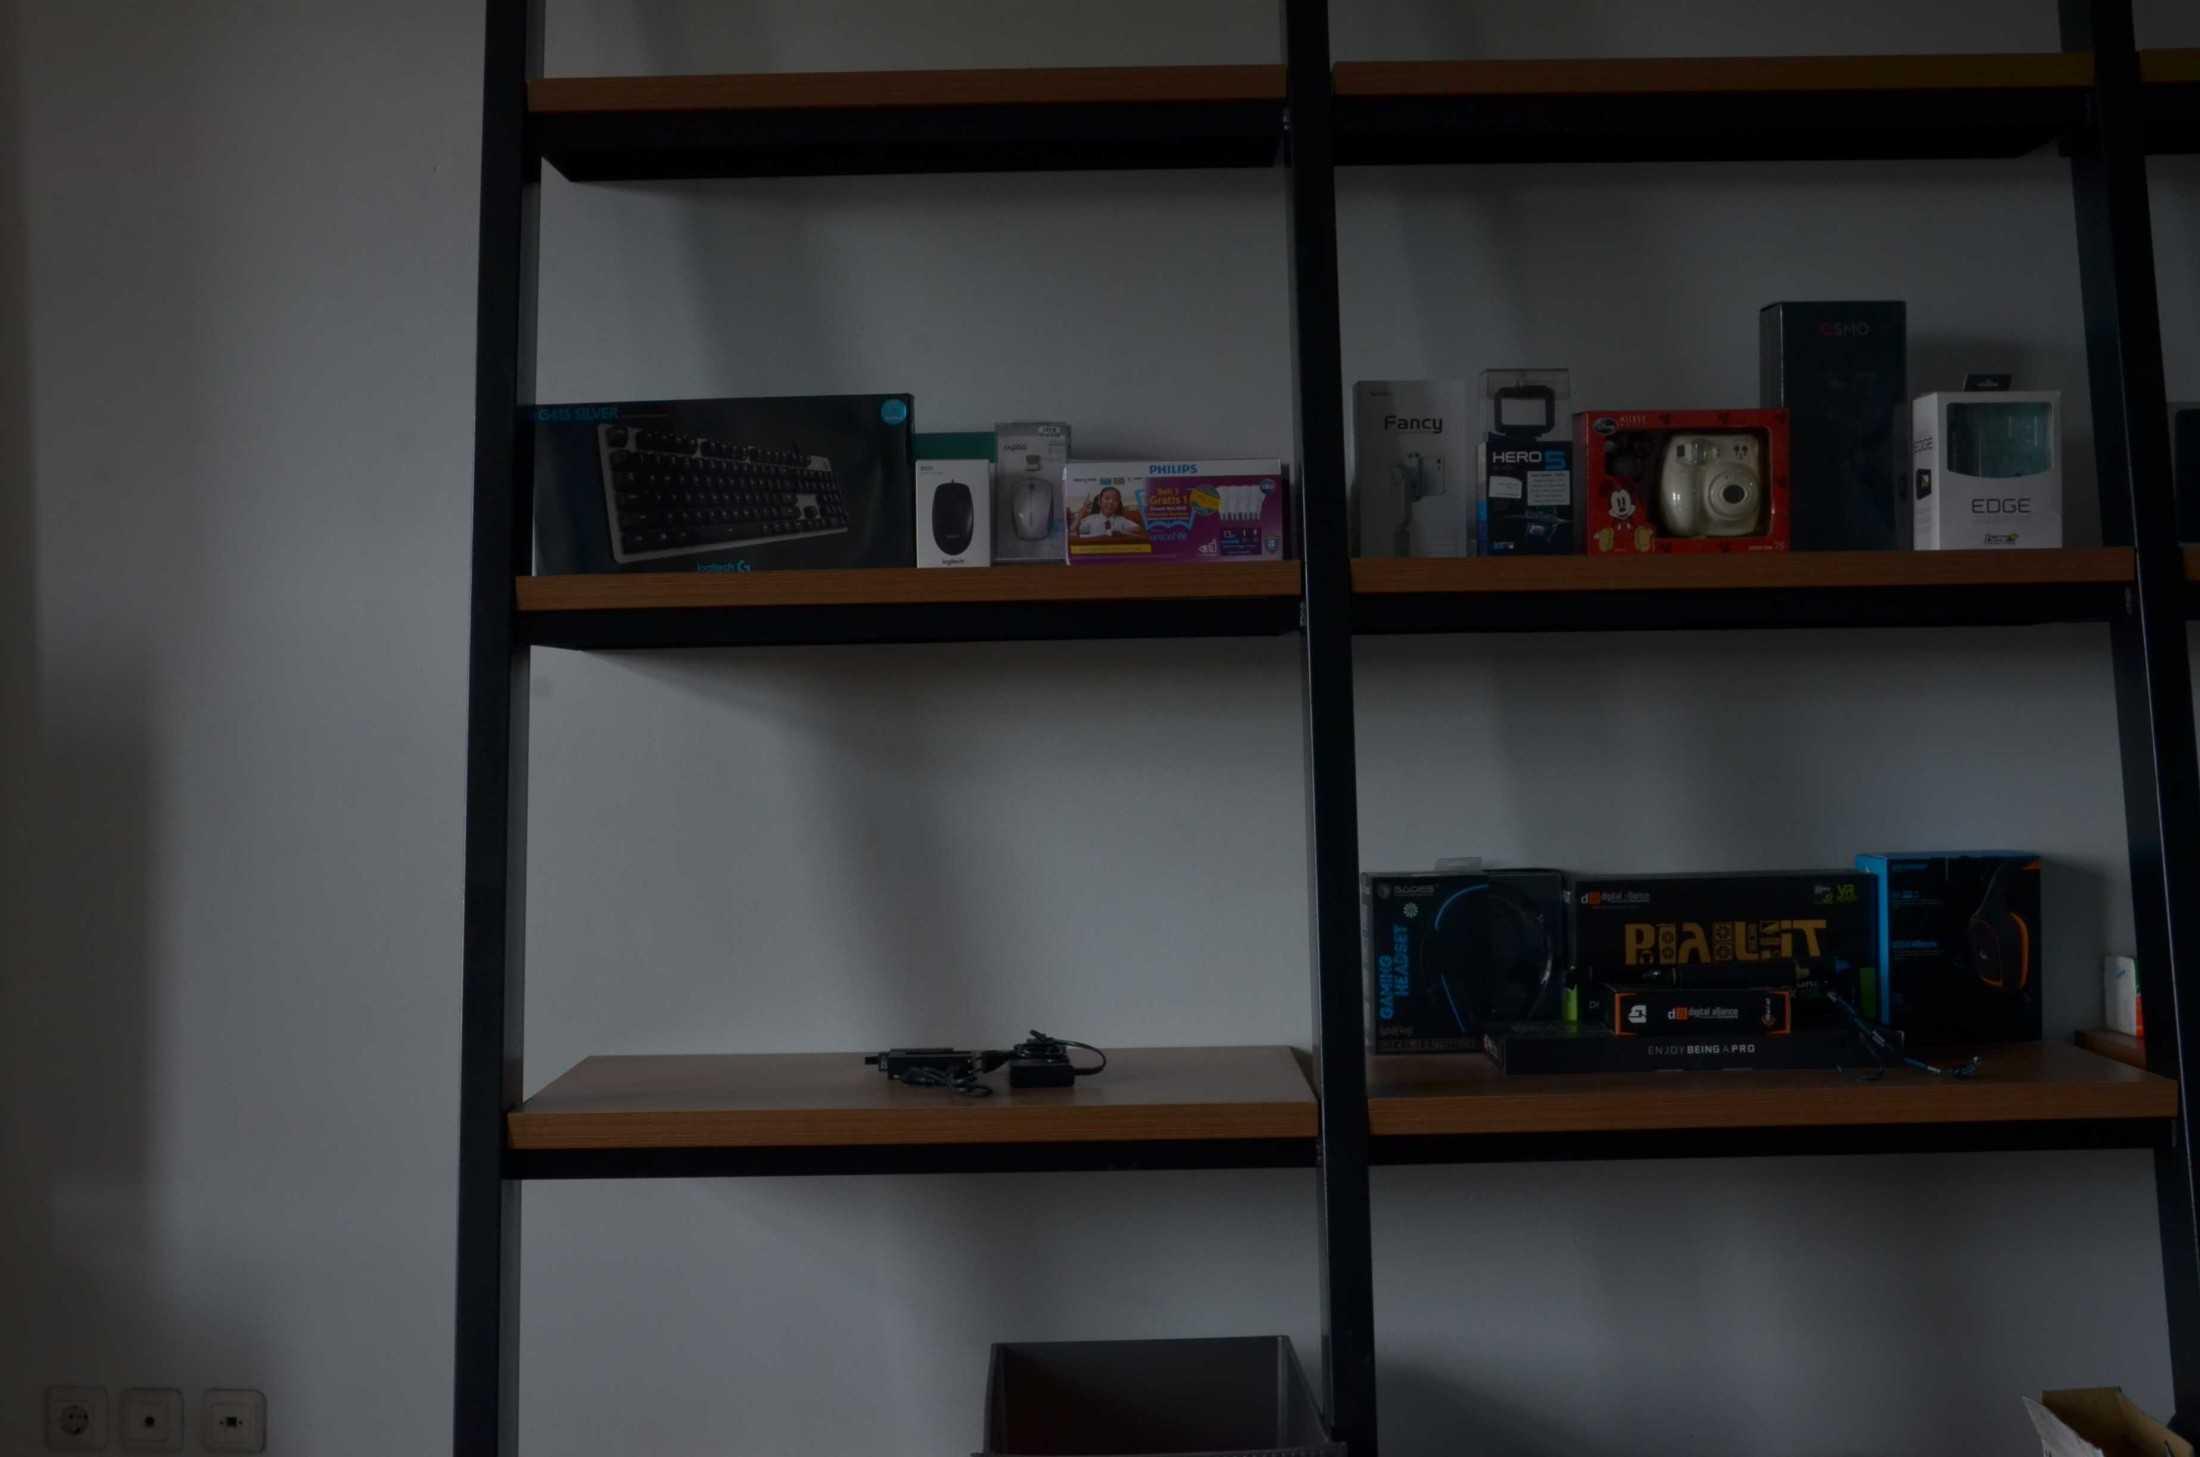 Atelier Ara Godric Store Tangerang, Banten, Indonesia Jl. Green Lake City Boulevard, Duri Kosambi, Cengkareng, Kota Jakarta Barat, Daerah Khusus Ibukota Jakarta 11750, Indonesia Atelier-Ara-Godric-Store  68250